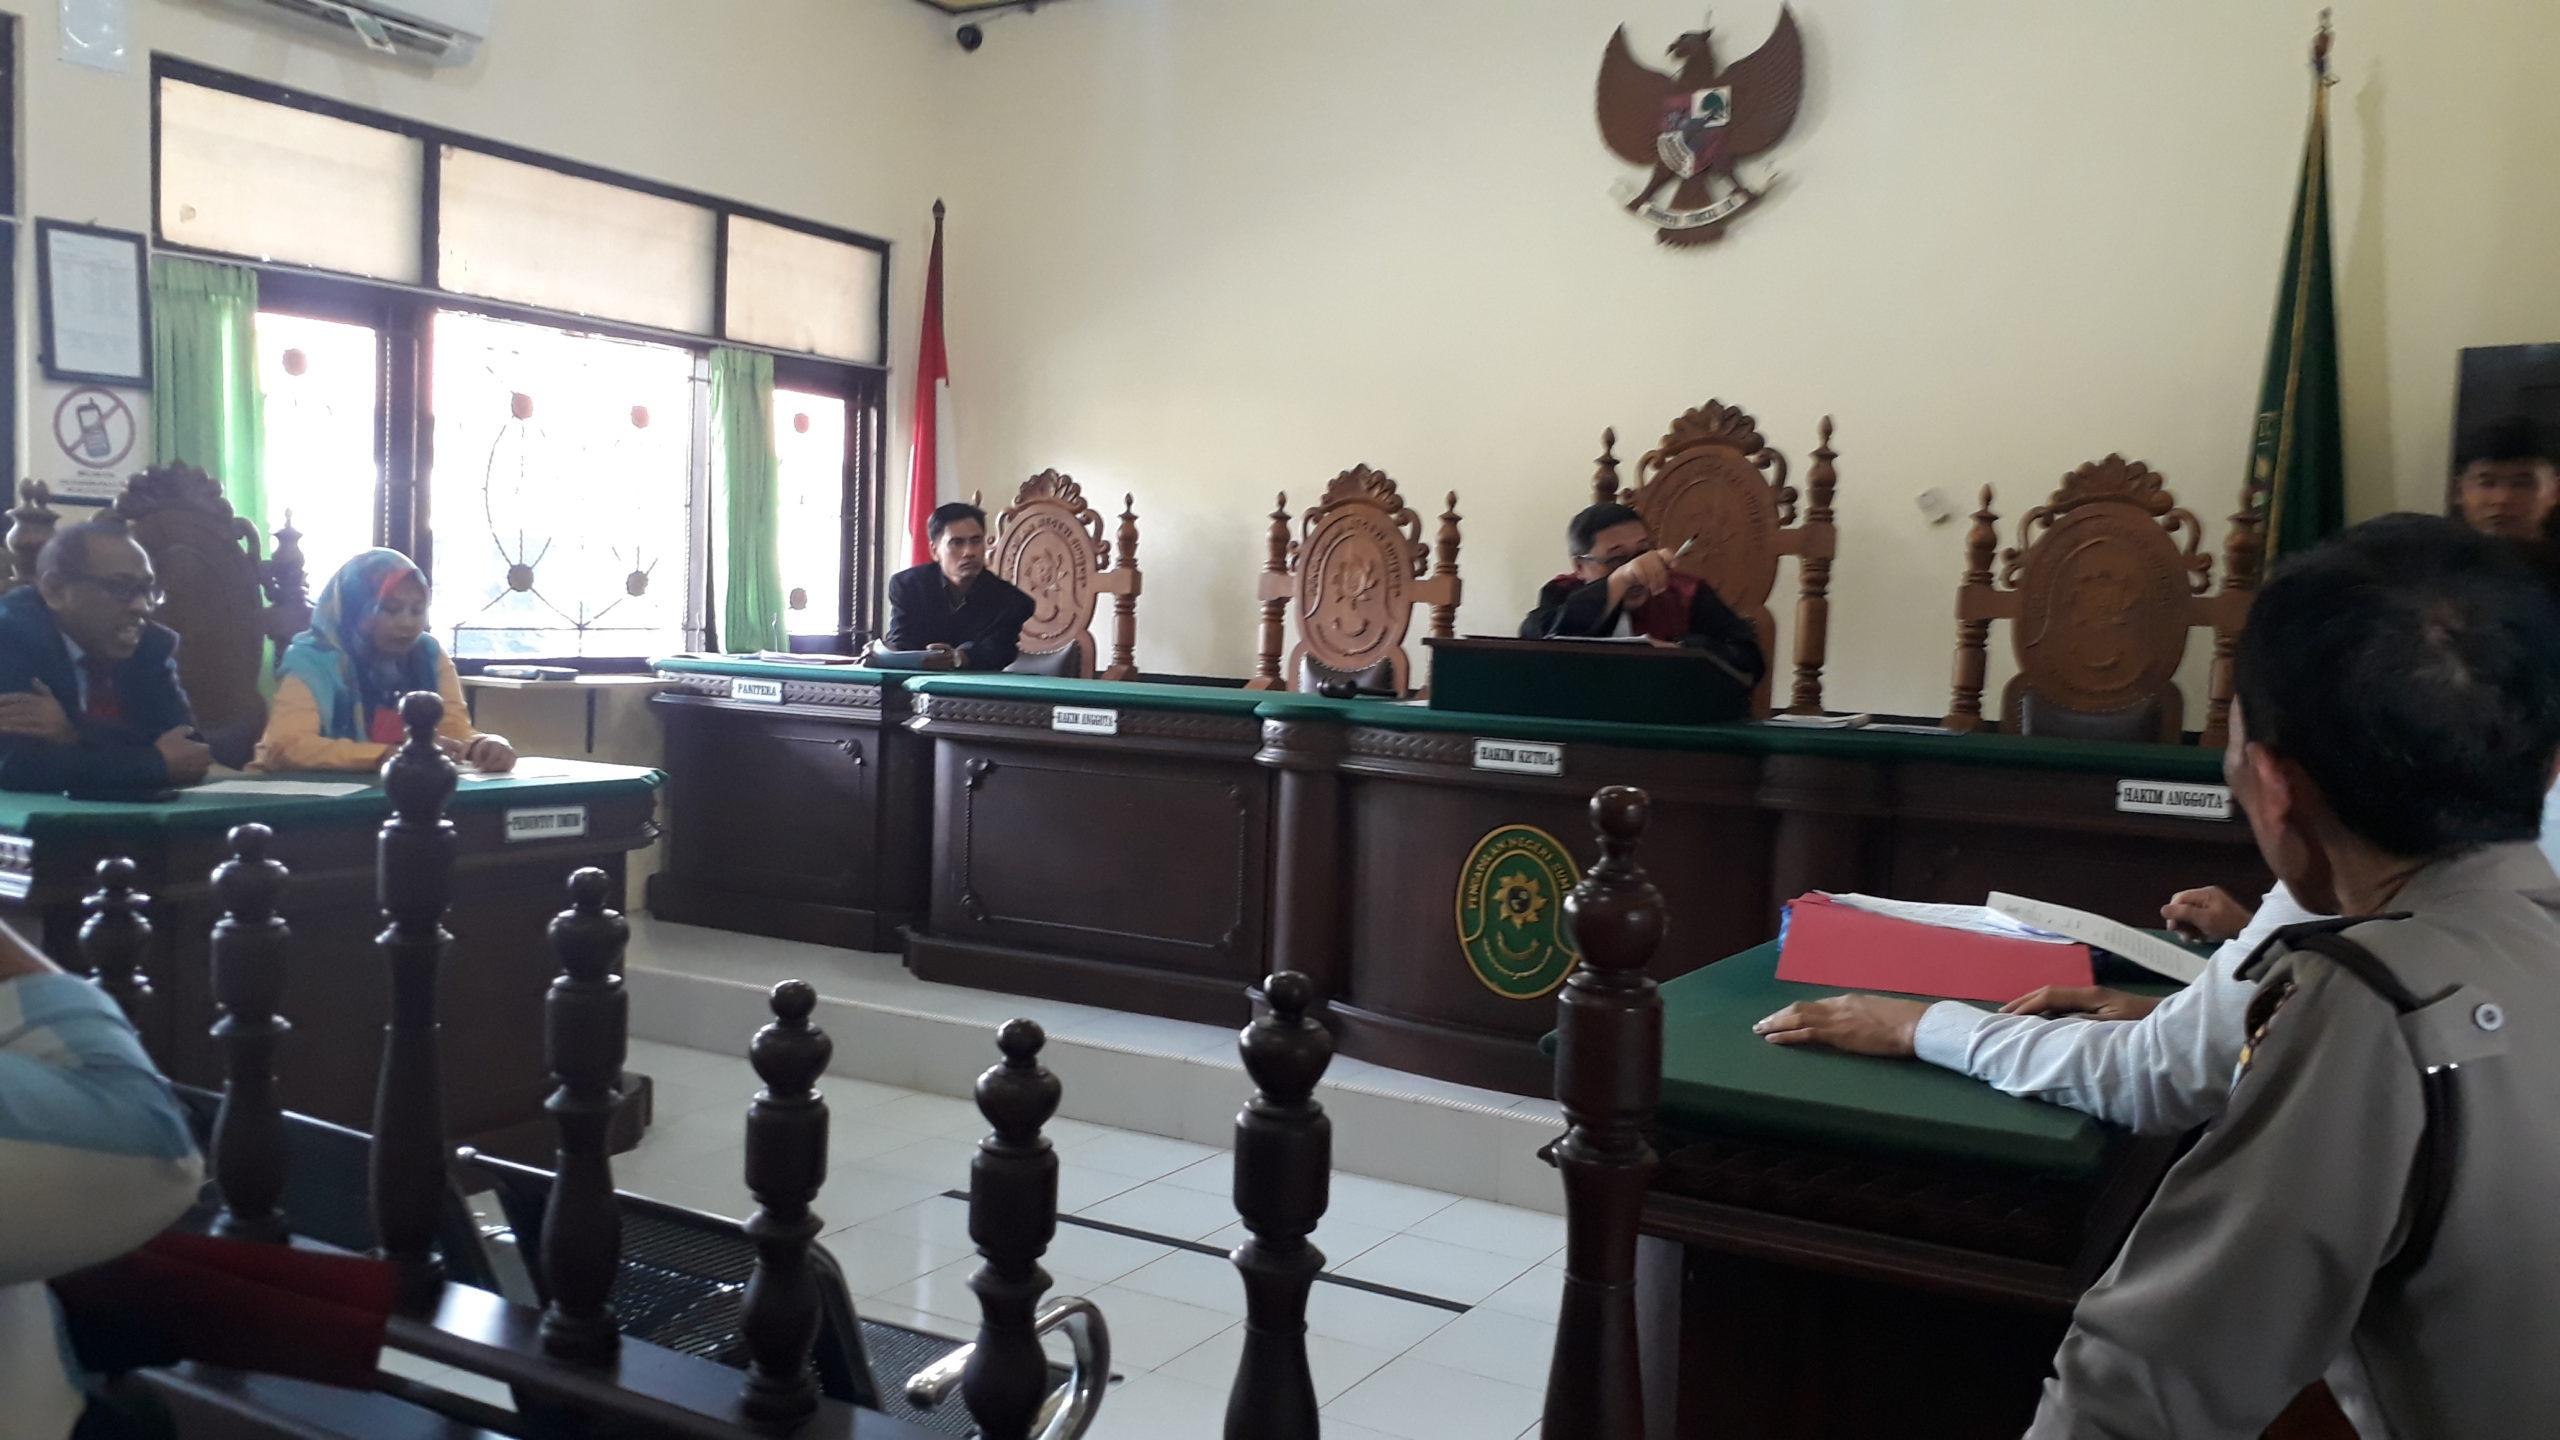 Sidang praperadilan kasus penyelewengan BBM di gelar di PN Sumenep